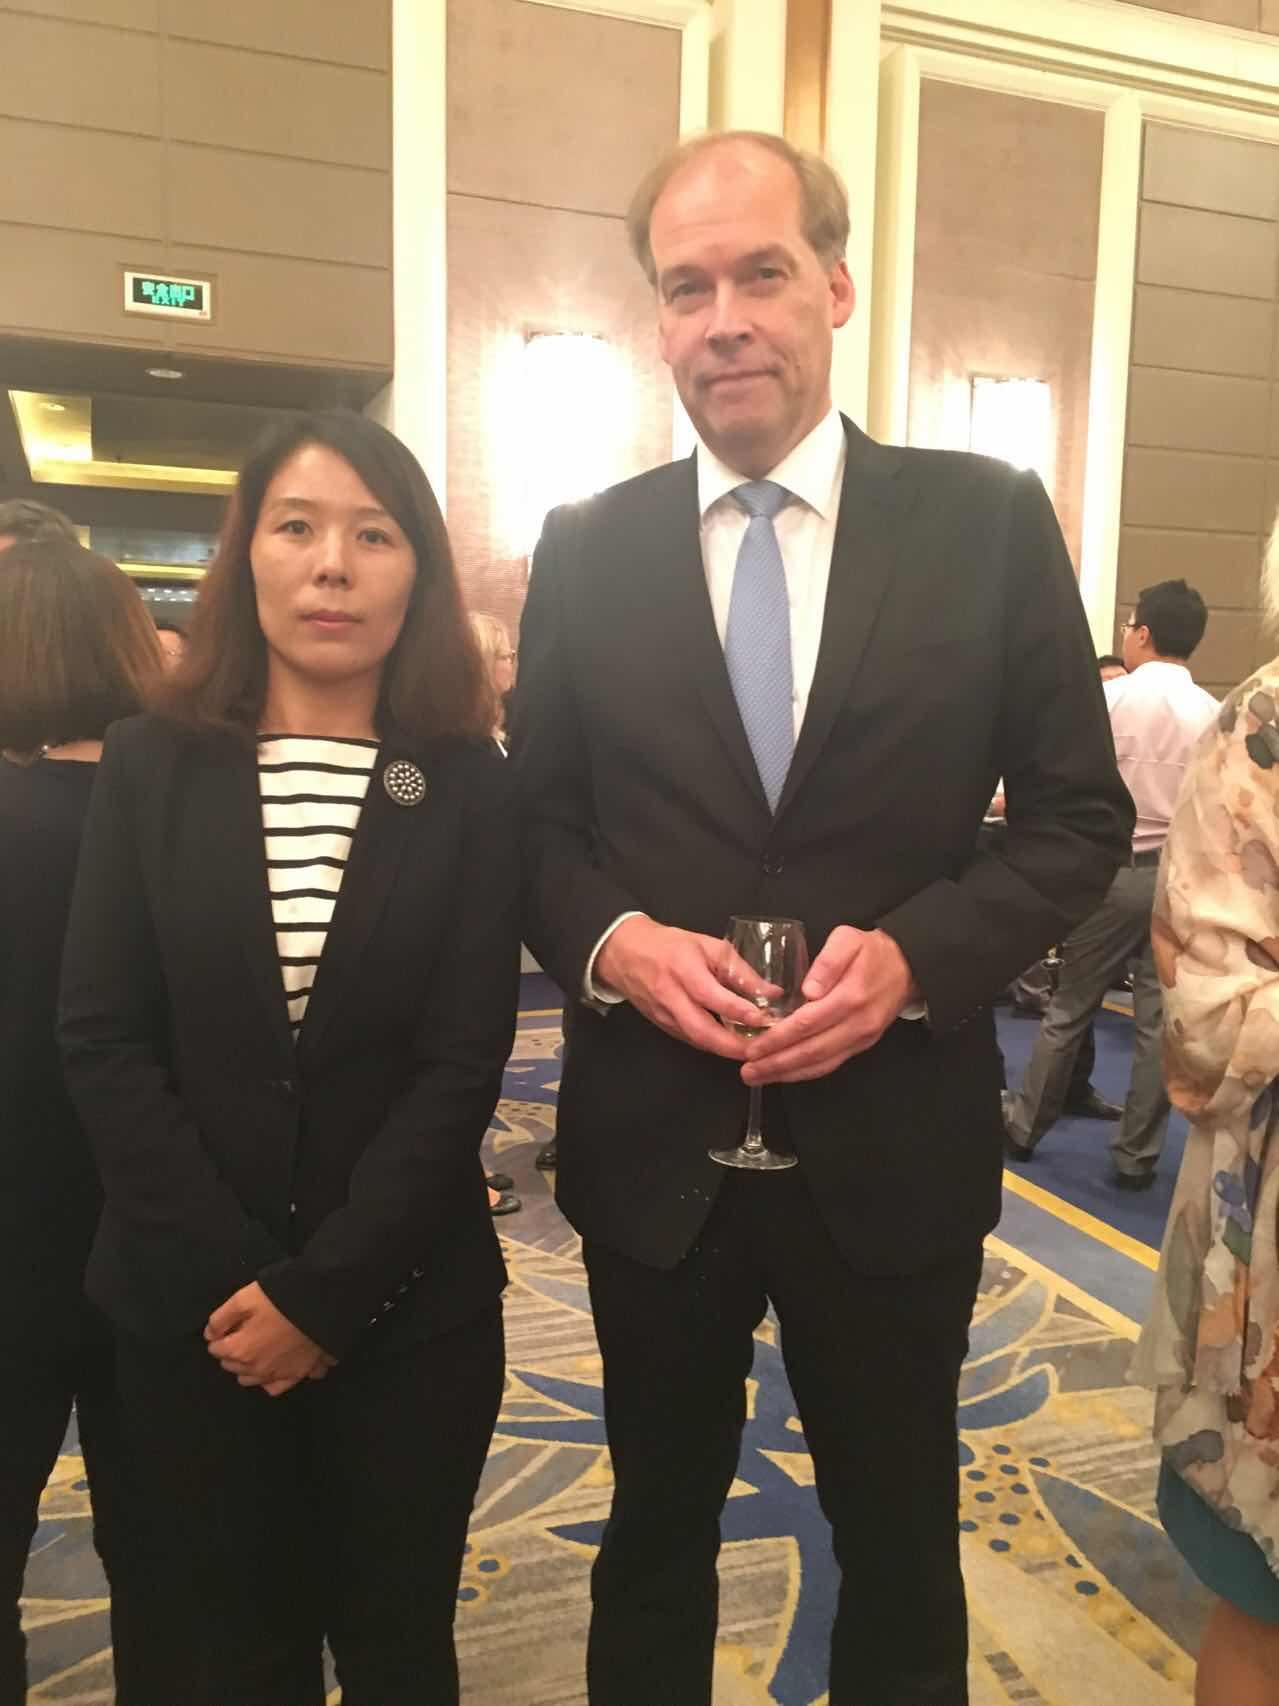 芬兰共和国驻华大使肃海岚阁下与组委会秘书长崔江红女士